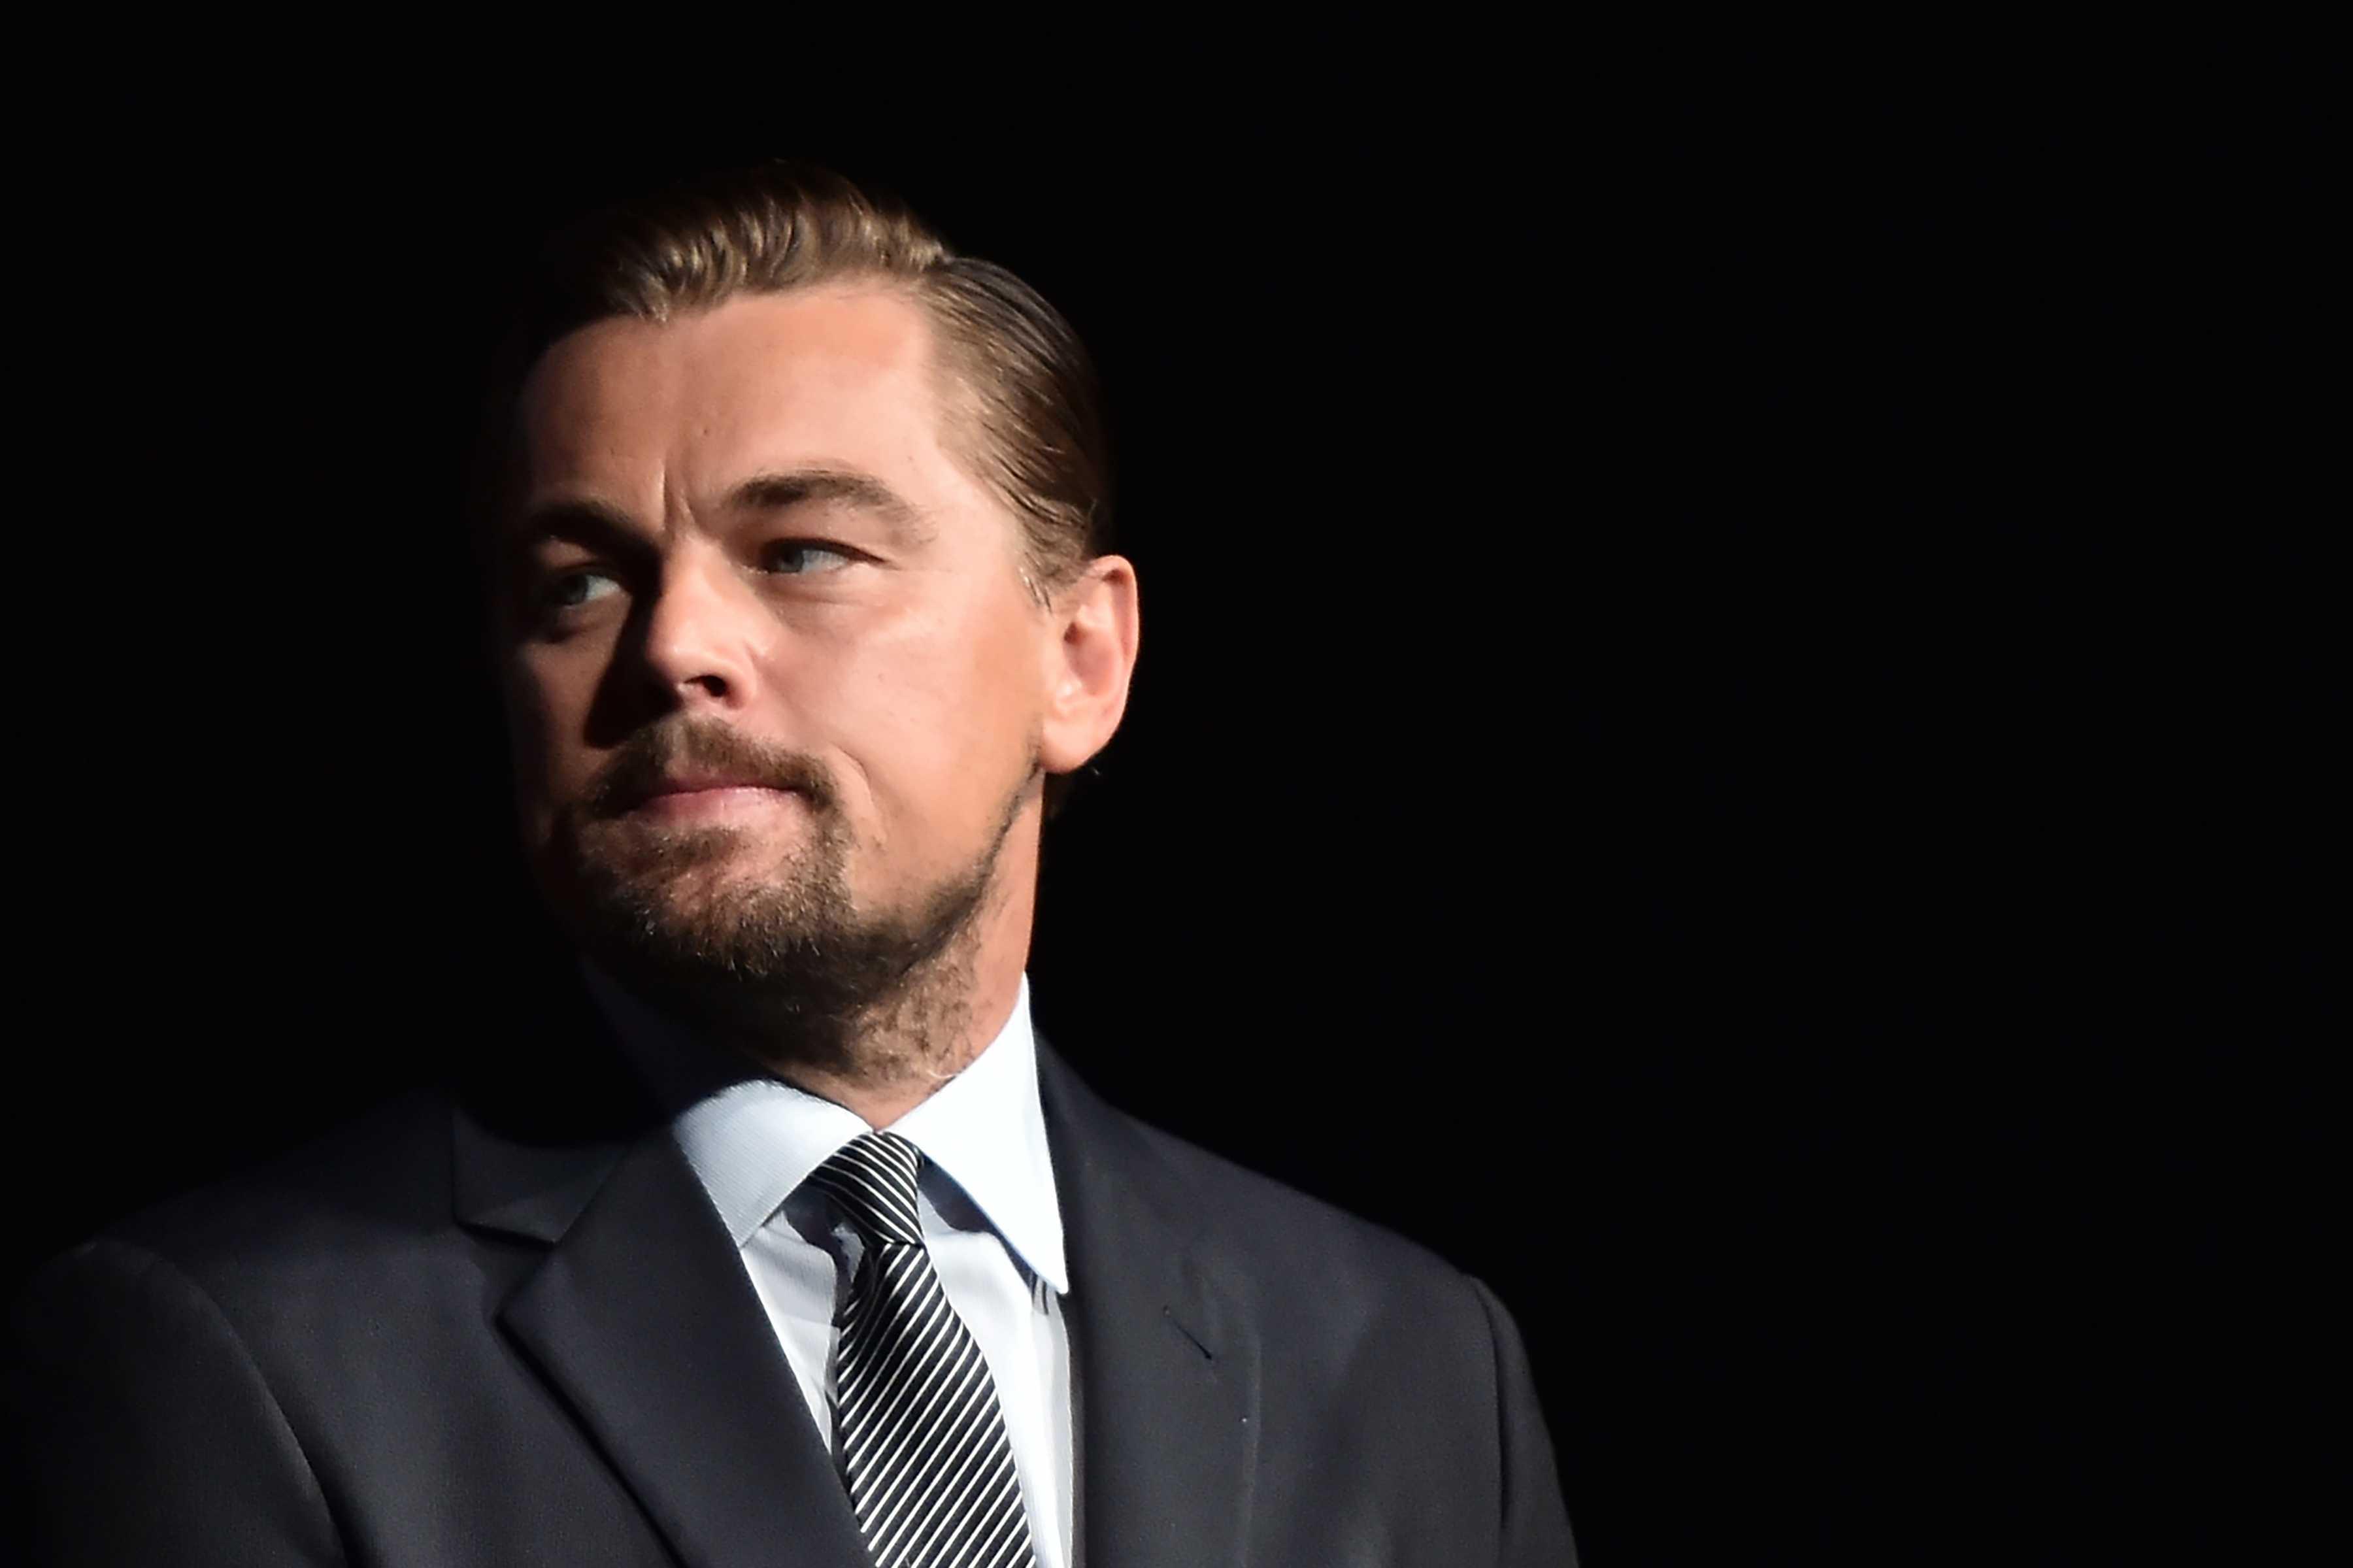 Leonardo DiCaprio entrega a justicia de EE.UU. regalos recibidos del fondo estatal malasio 1MDB